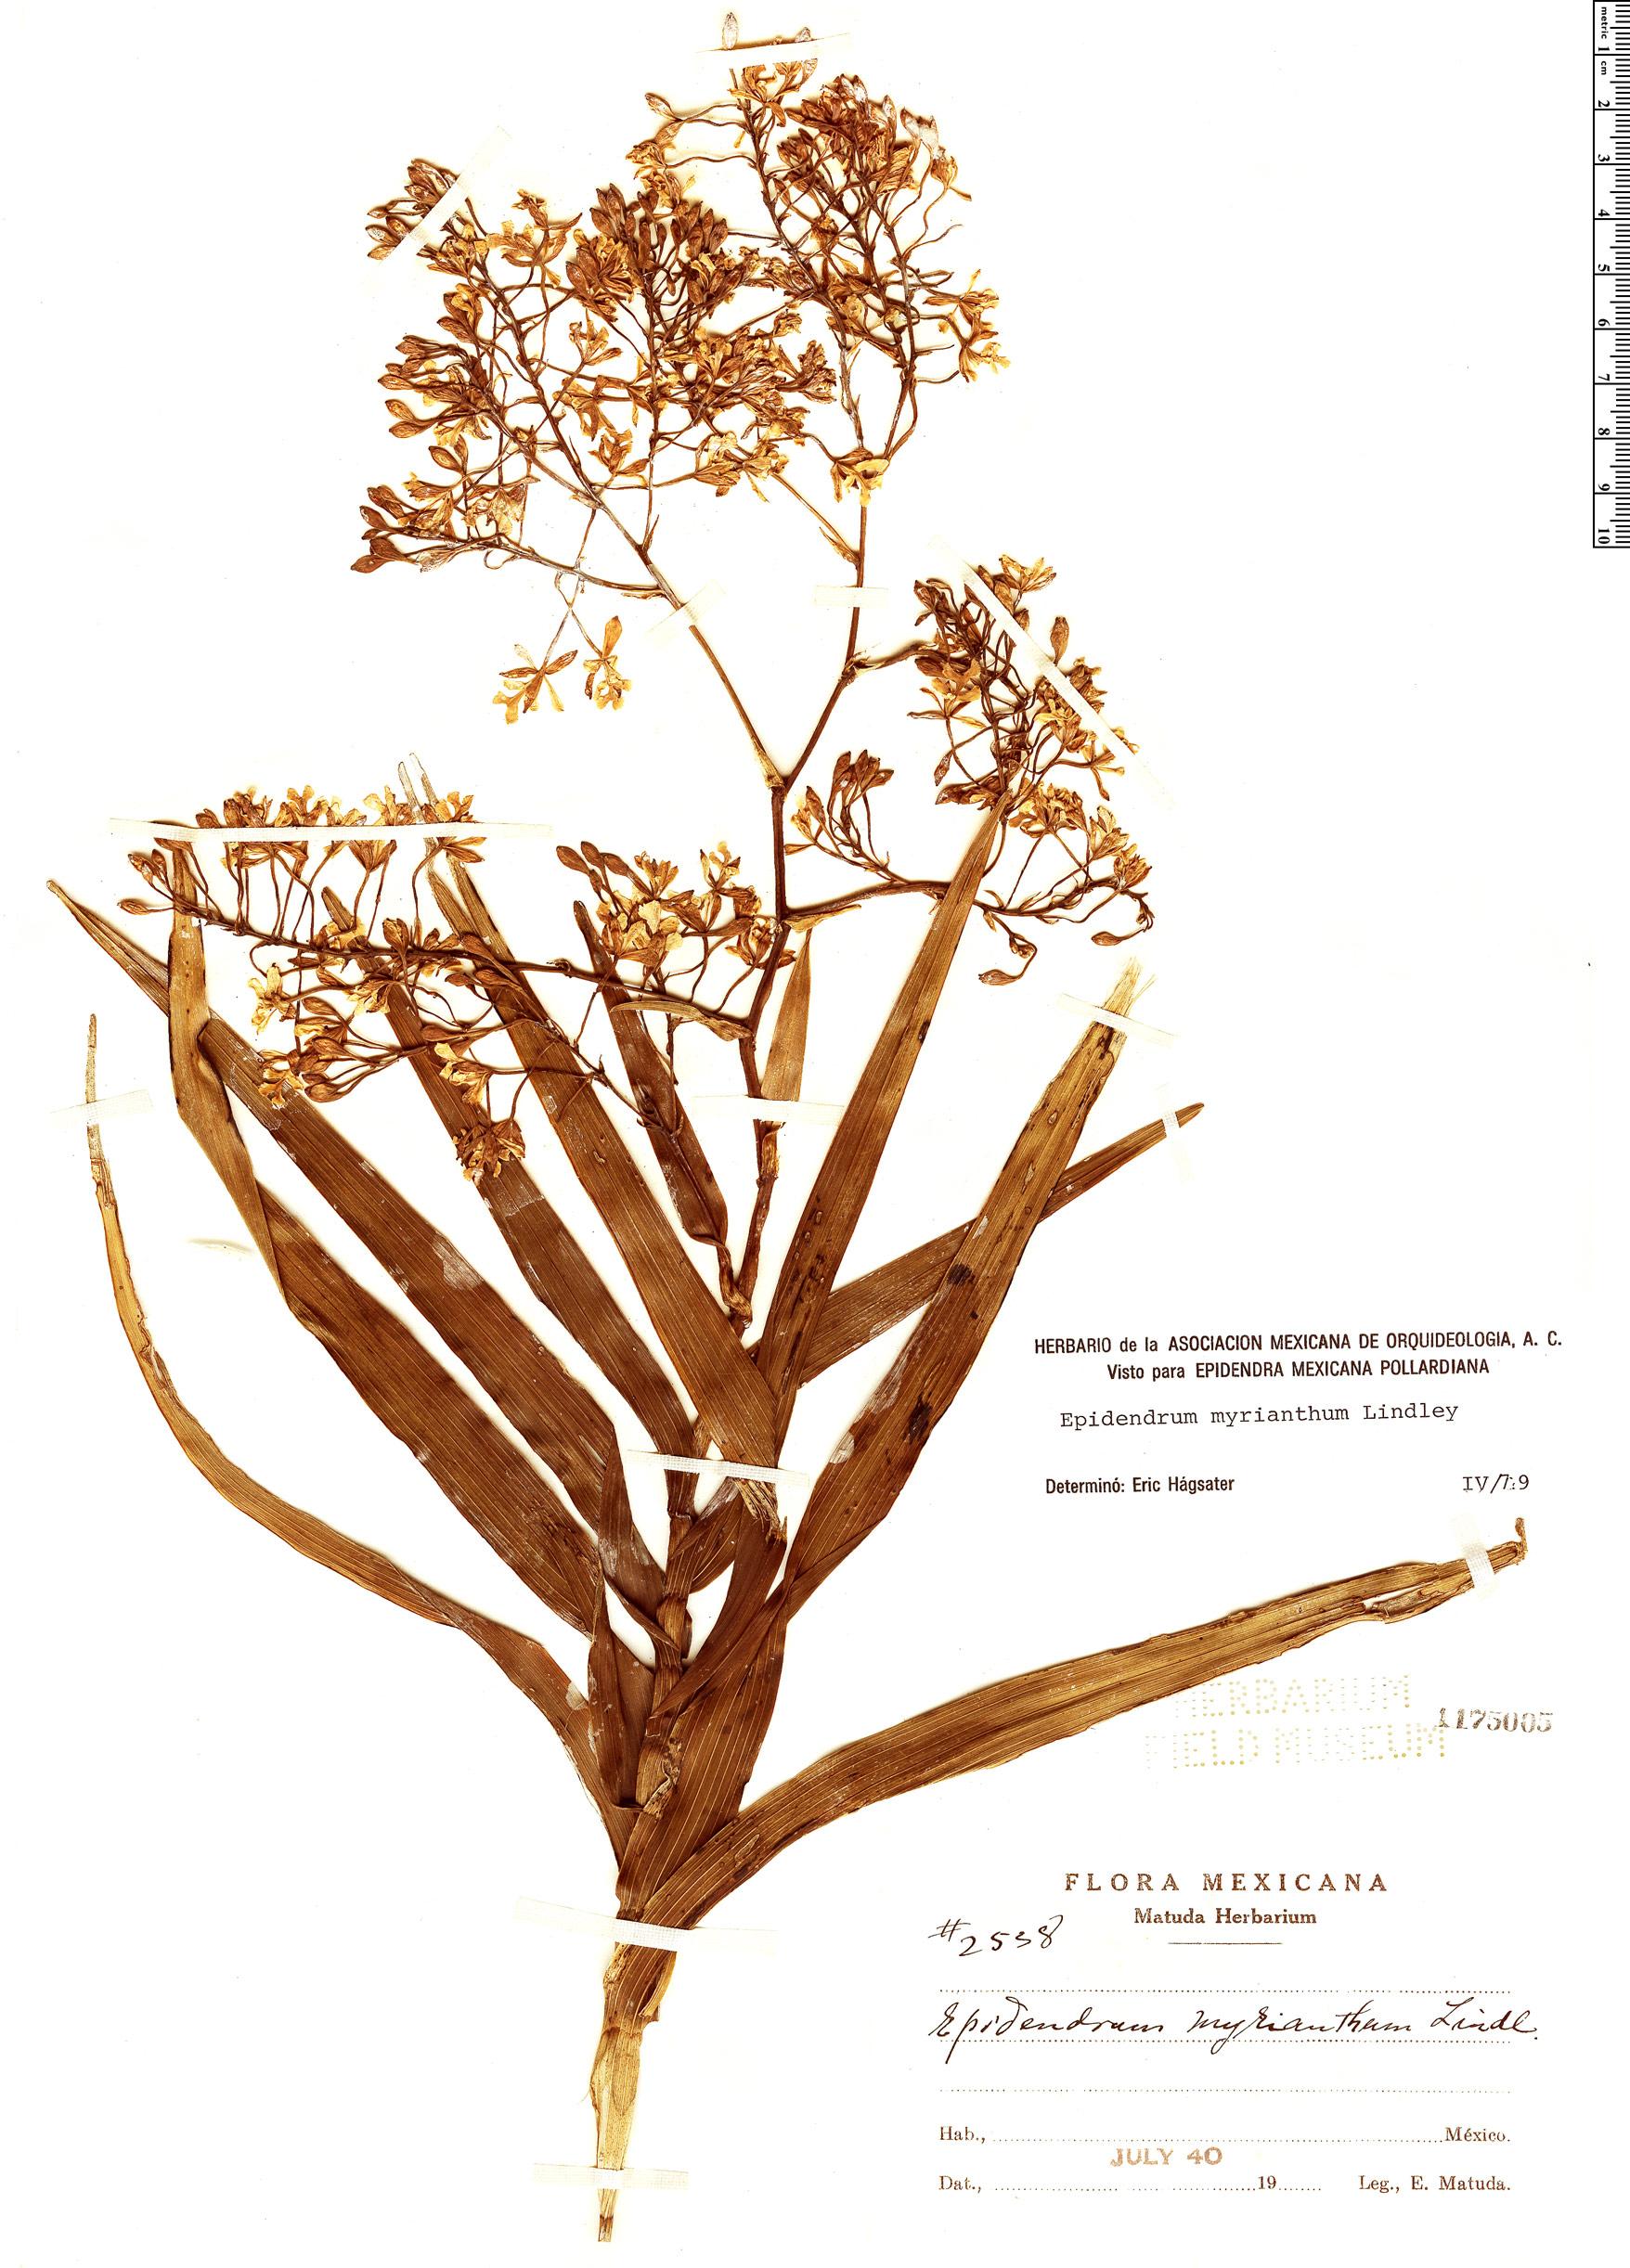 Specimen: Epidendrum verrucosum